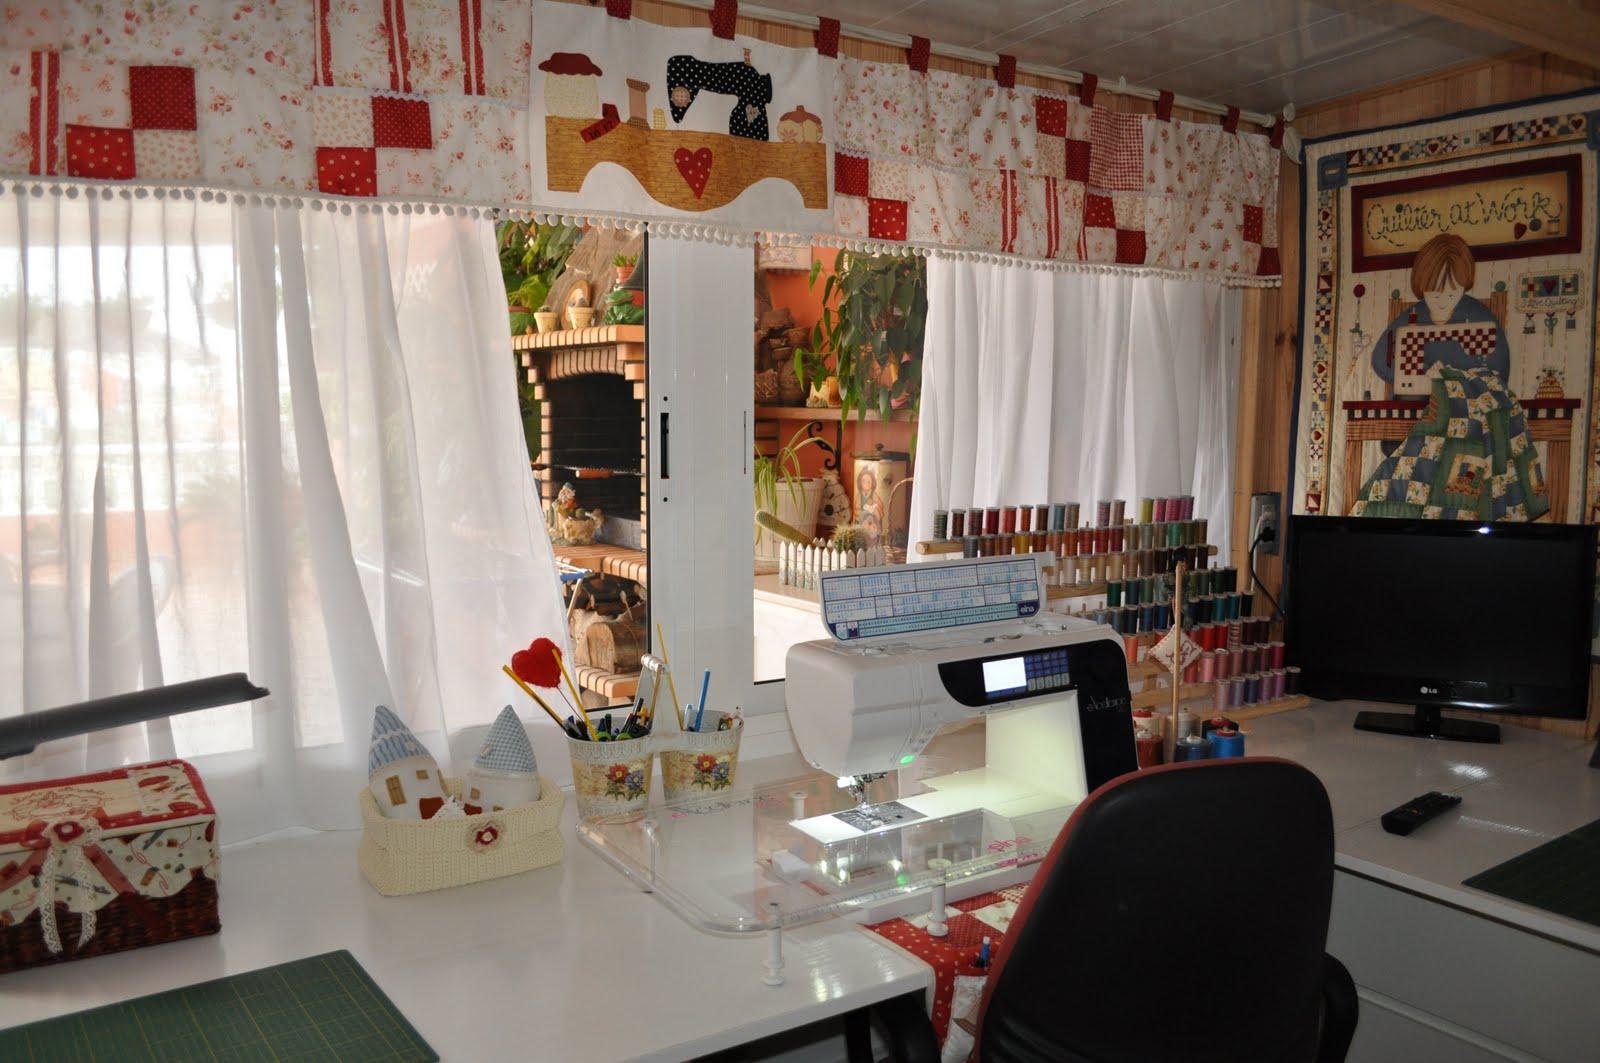 Mis labores y costuras: Mi cuarto de costura